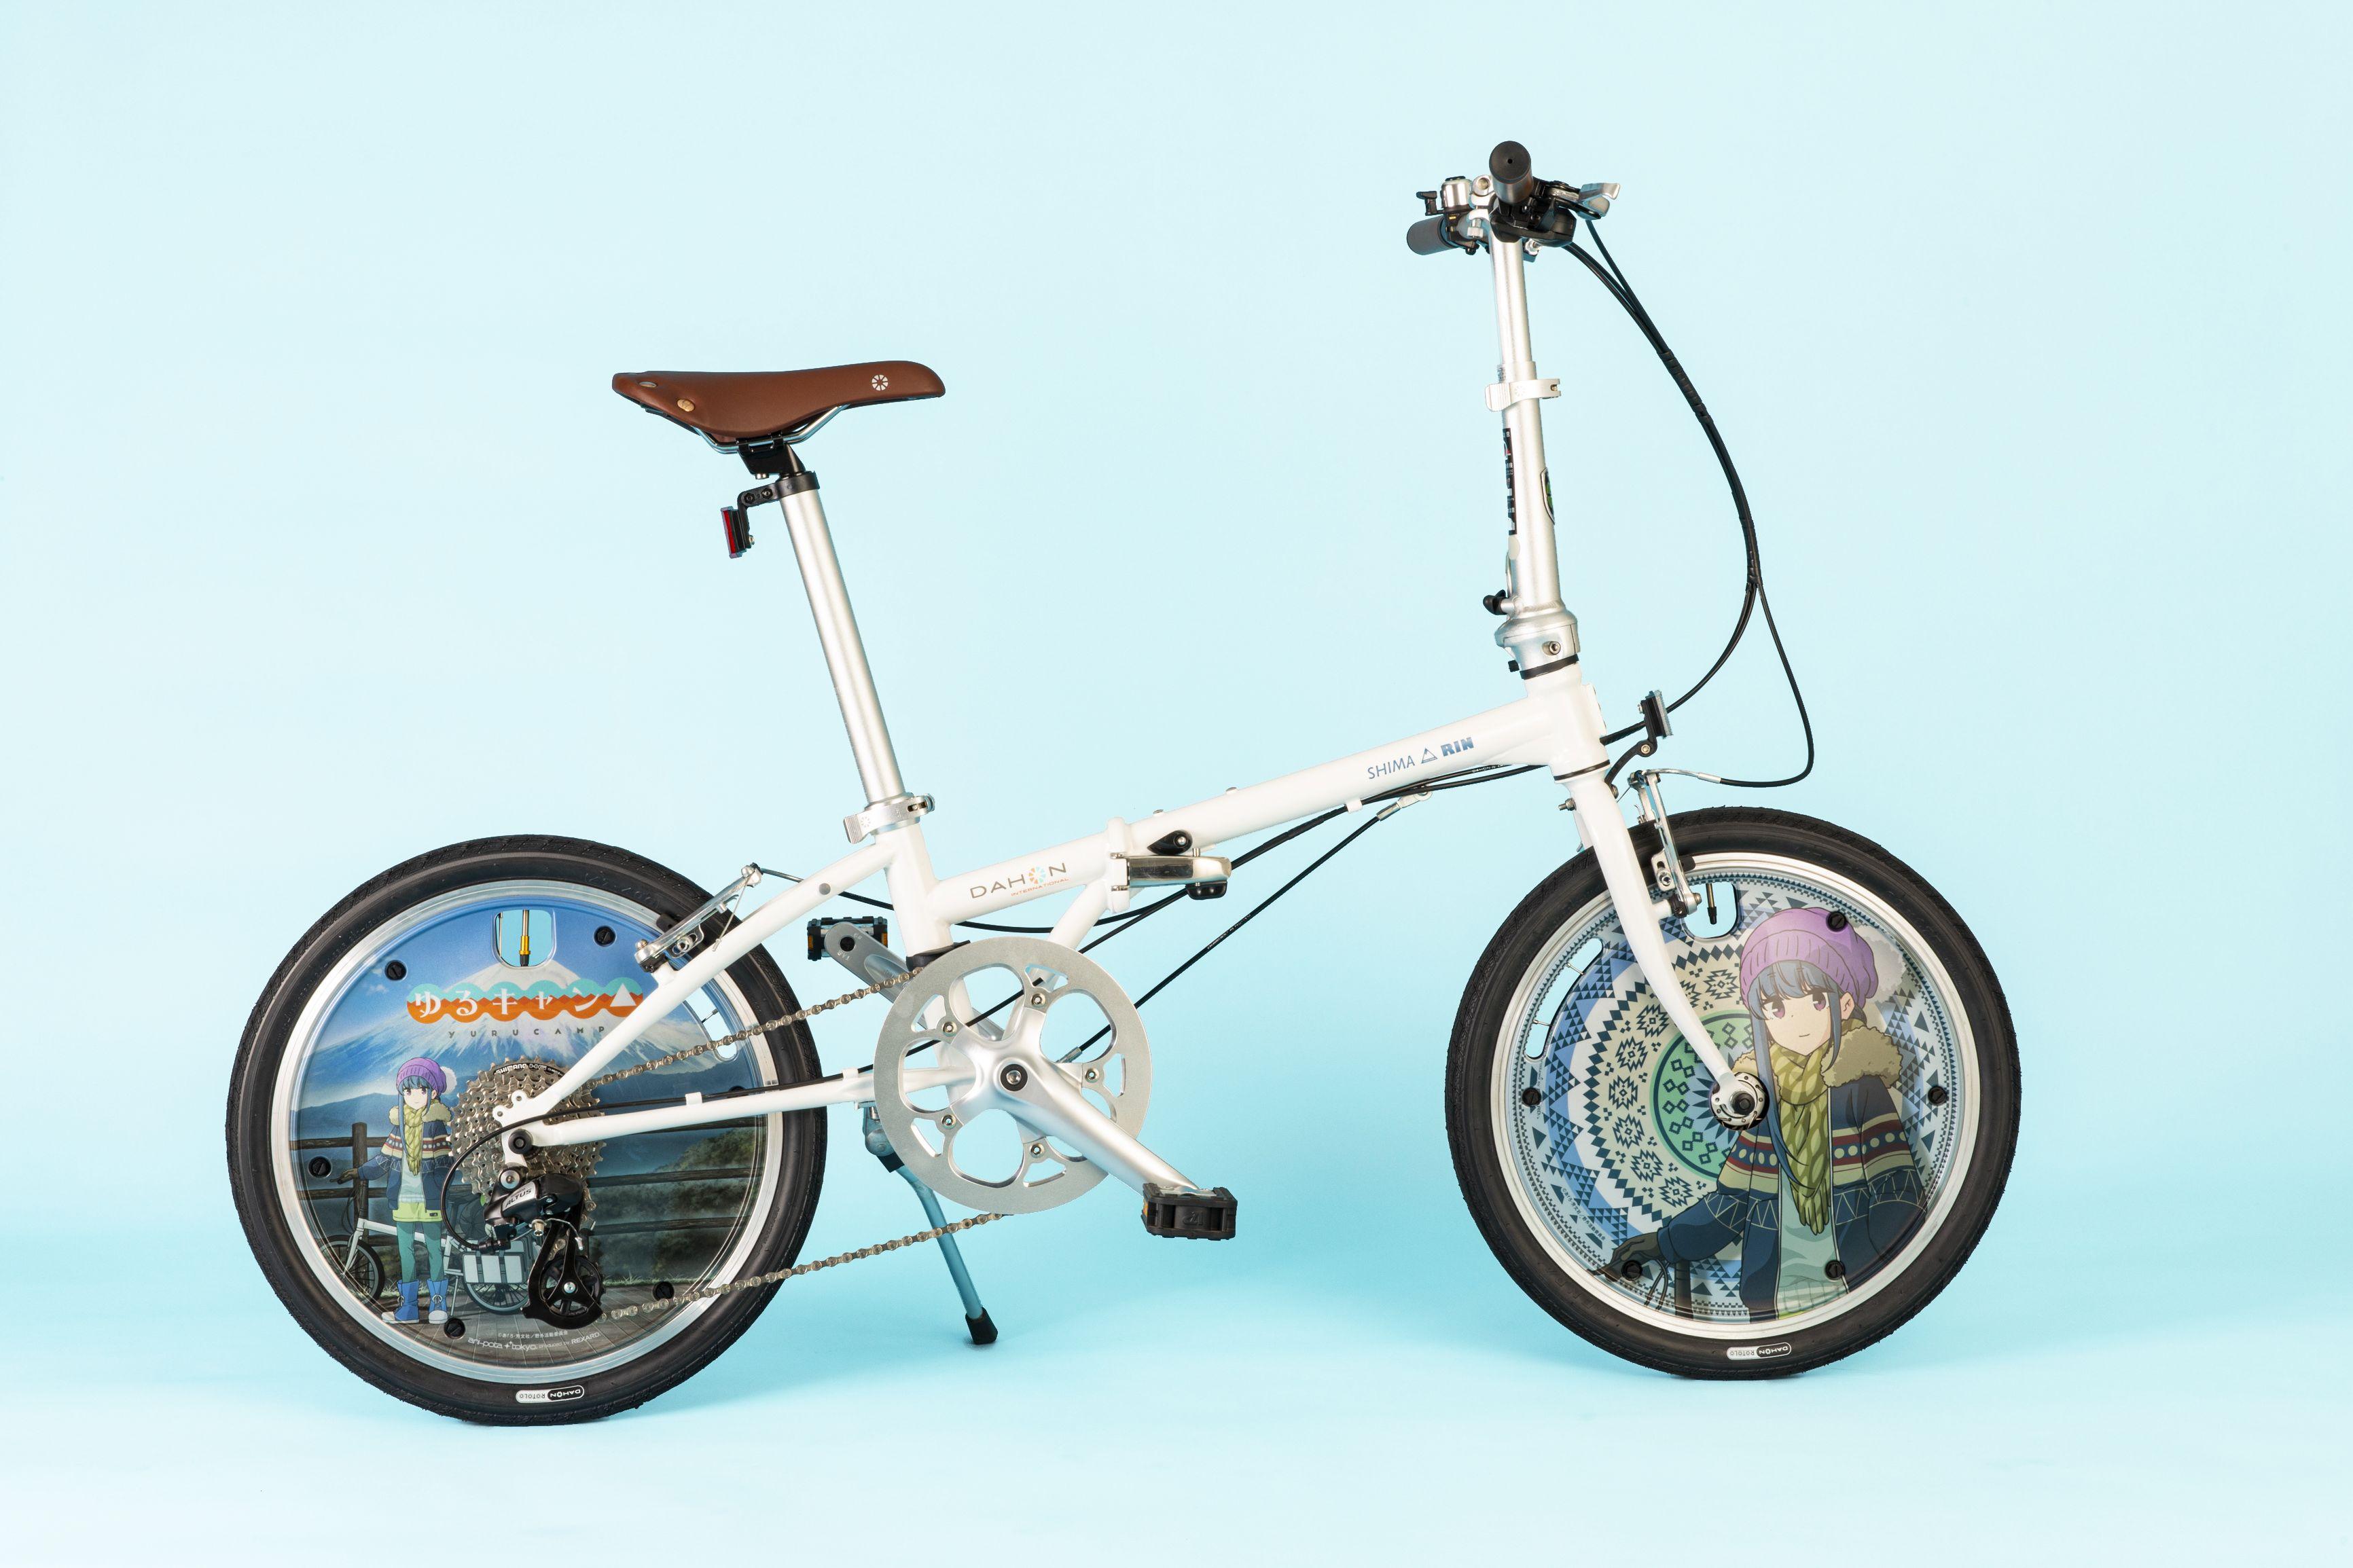 ゆるキャン△×DAHON 自転車 志摩リンモデル